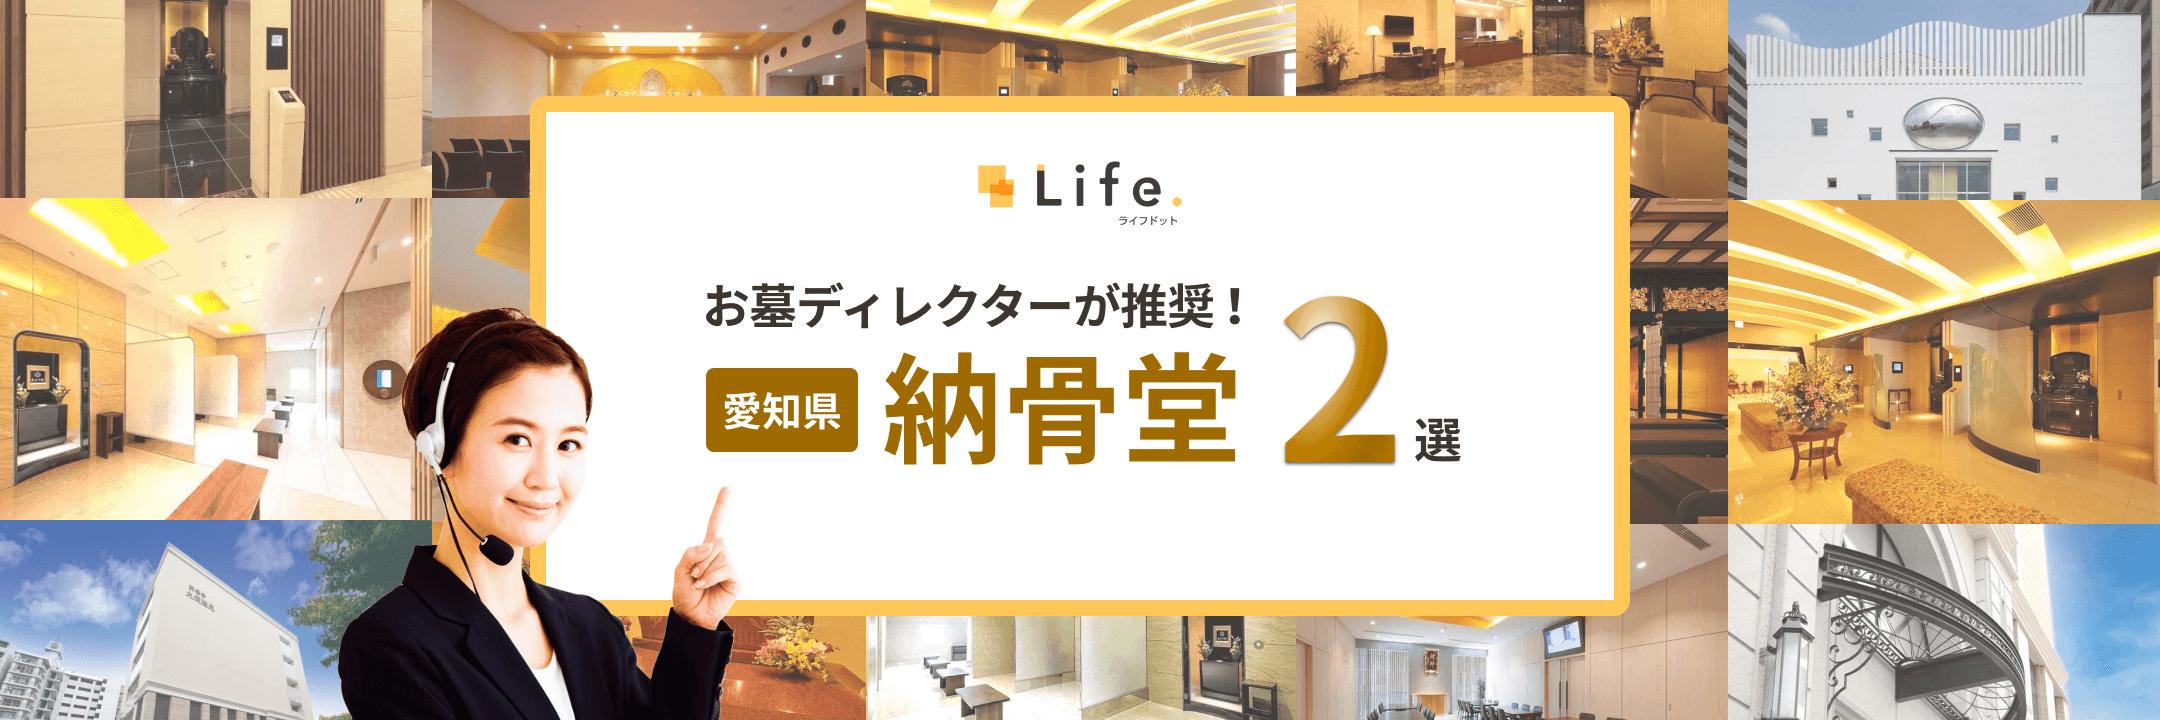 お墓ディレクターが推薦する愛知県の納骨堂2選